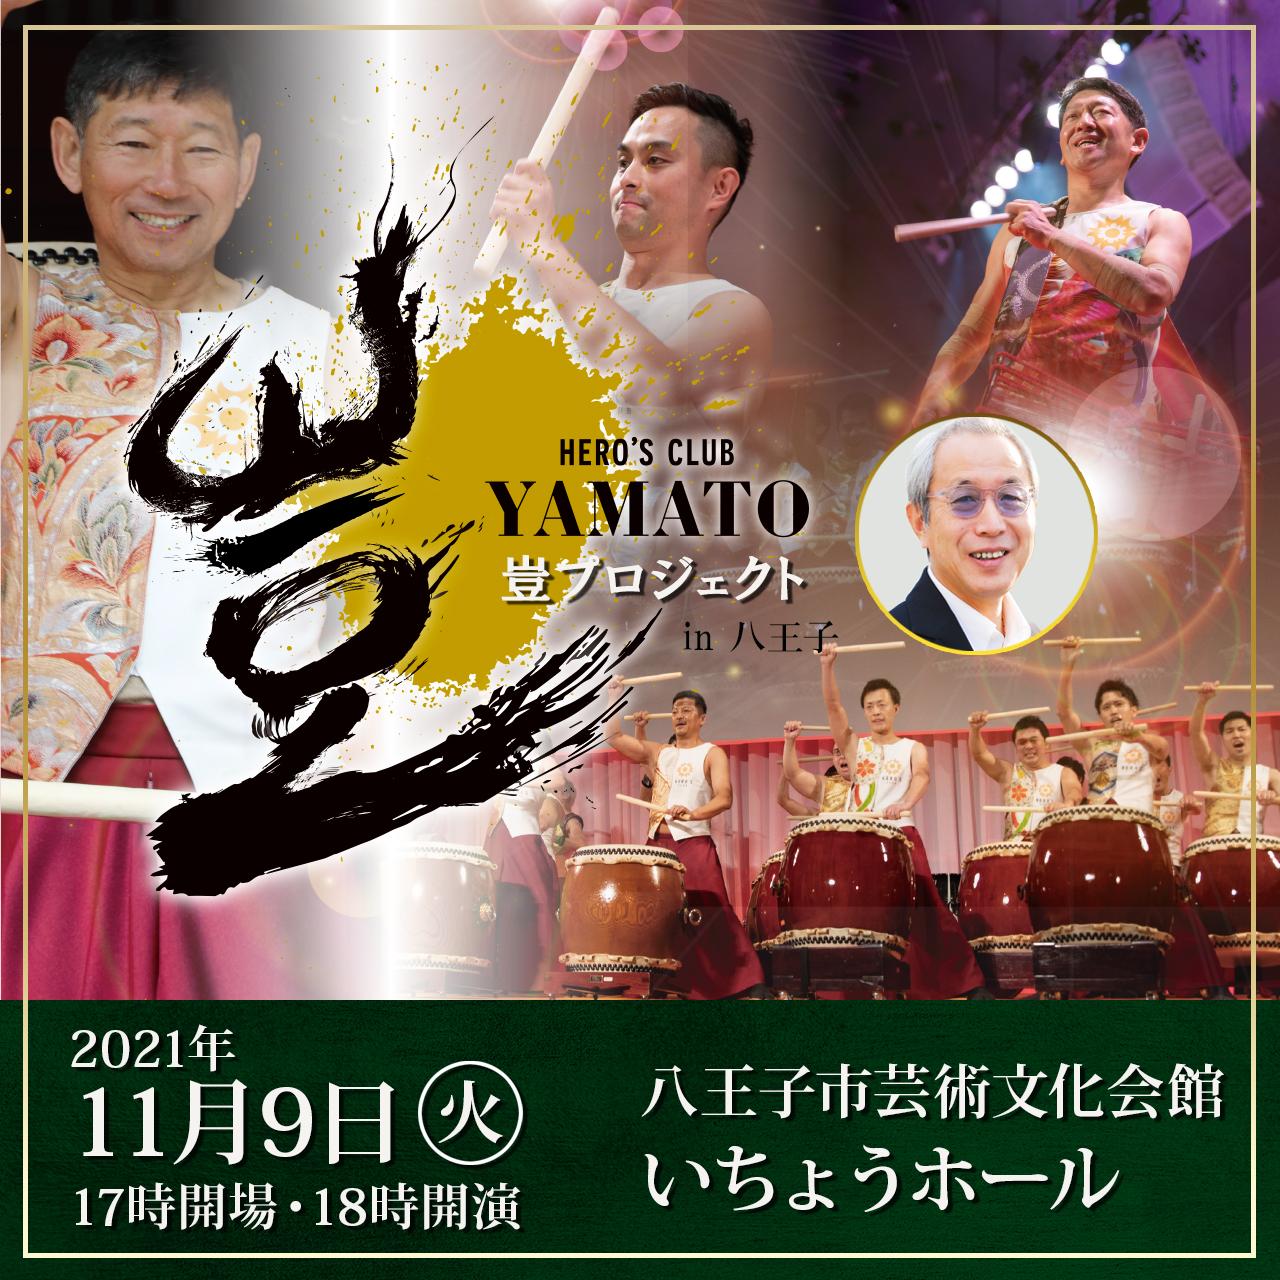 2021年11月9日 豈プロジェクト 八王子公演